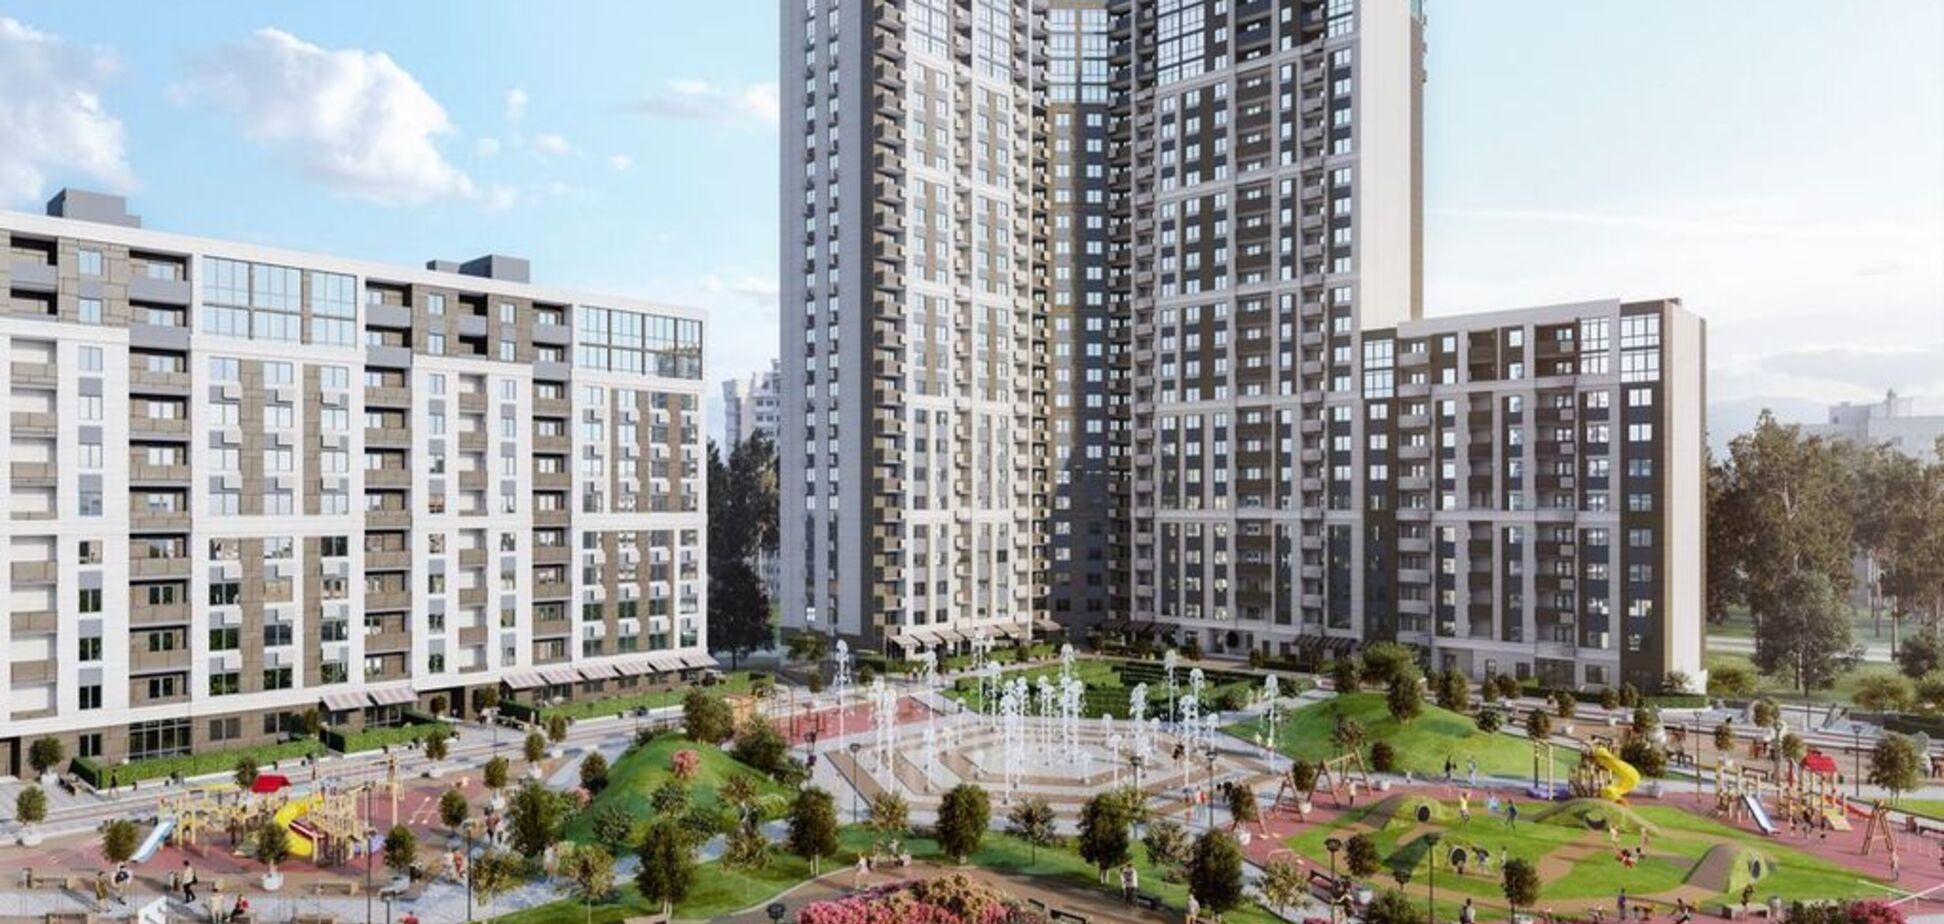 Жилой комплекс 'Святобор' Park Resort – столичные 'Липки на Львовской'